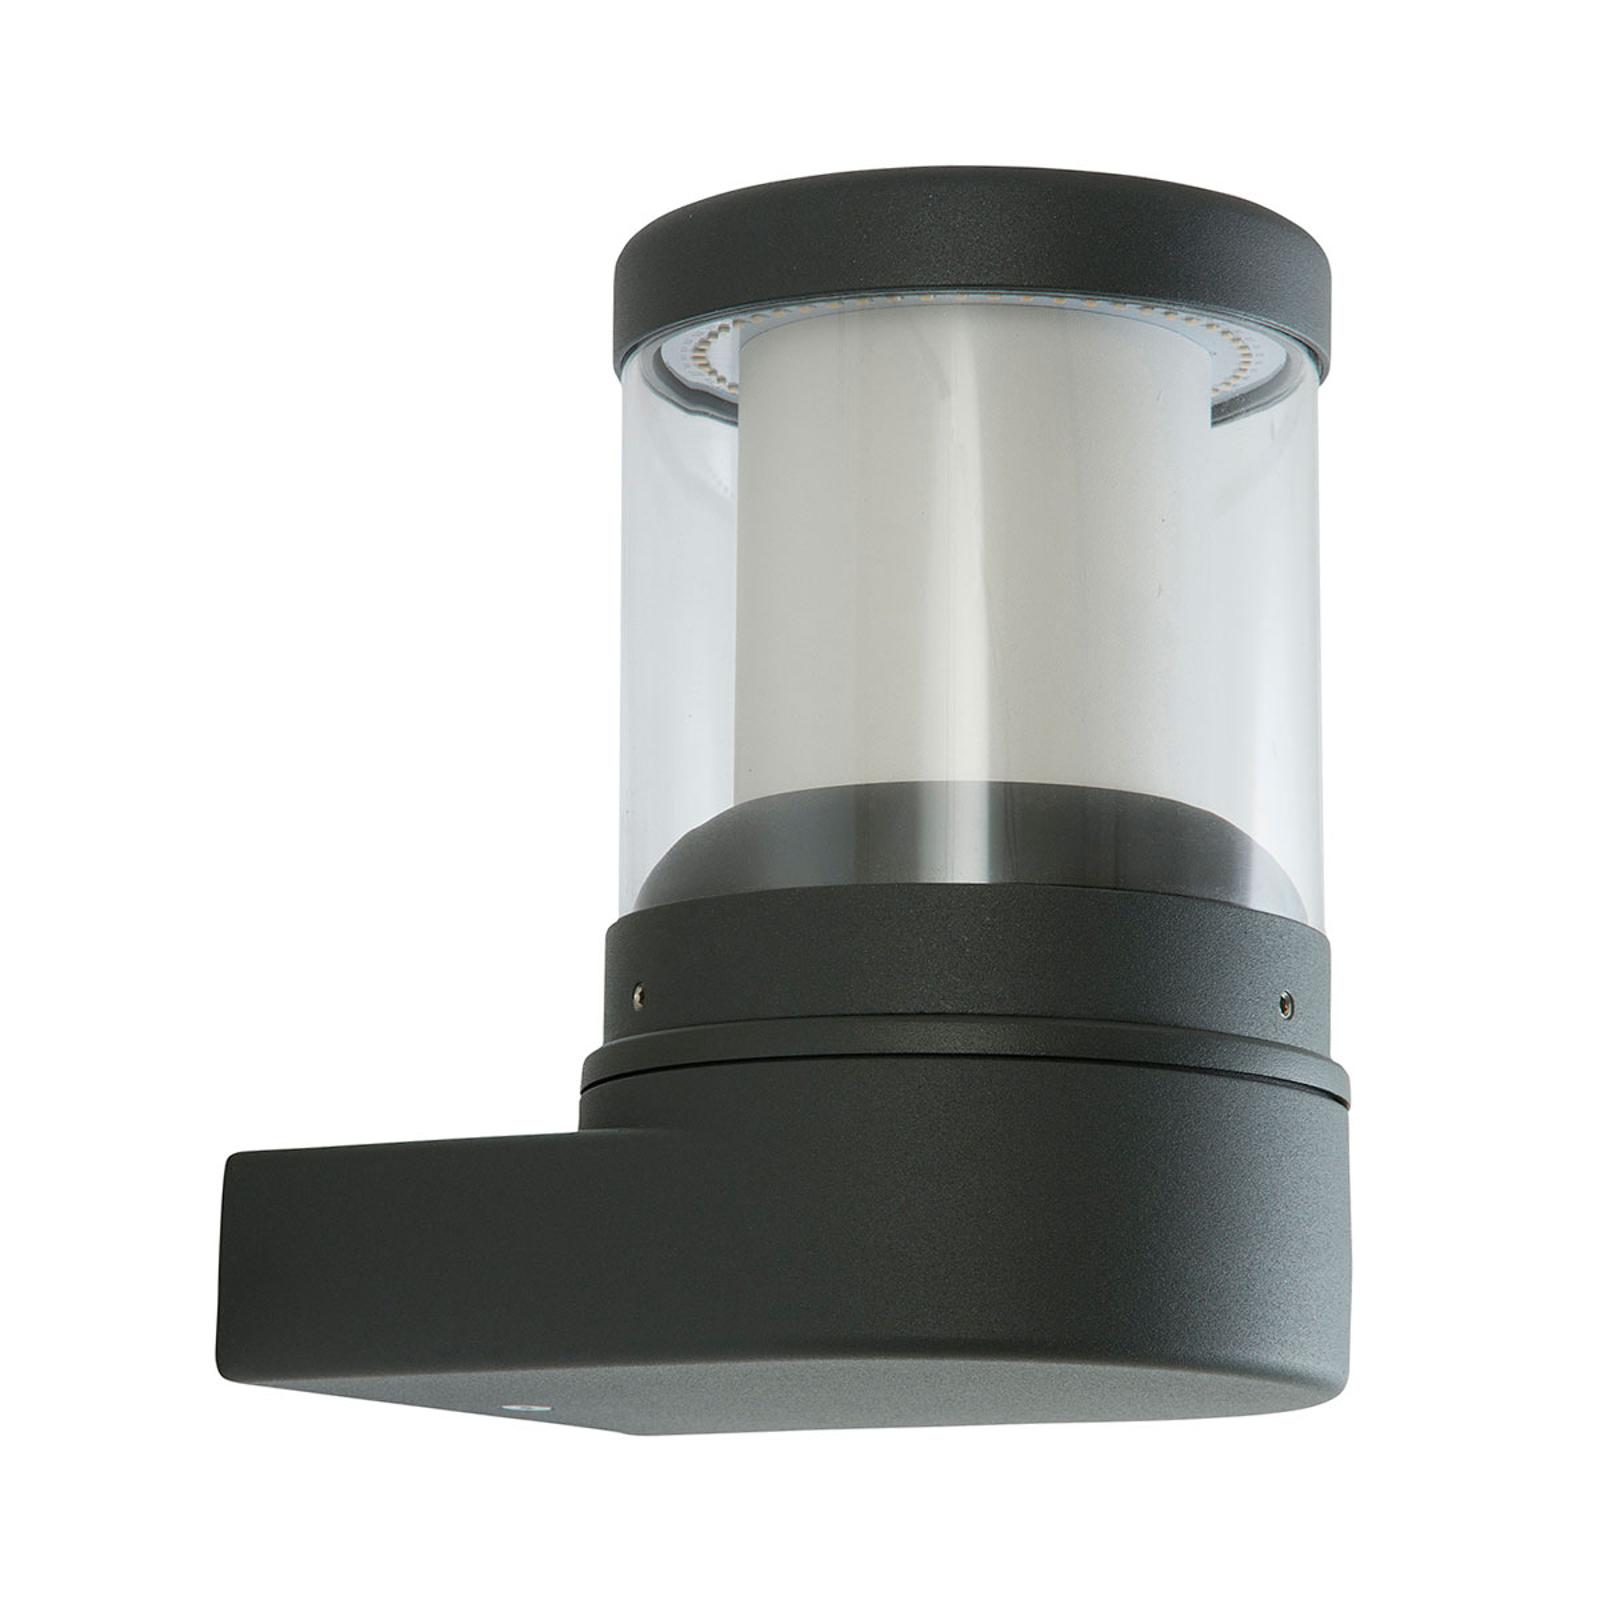 LED-Außenwandleuchte Levent graphit